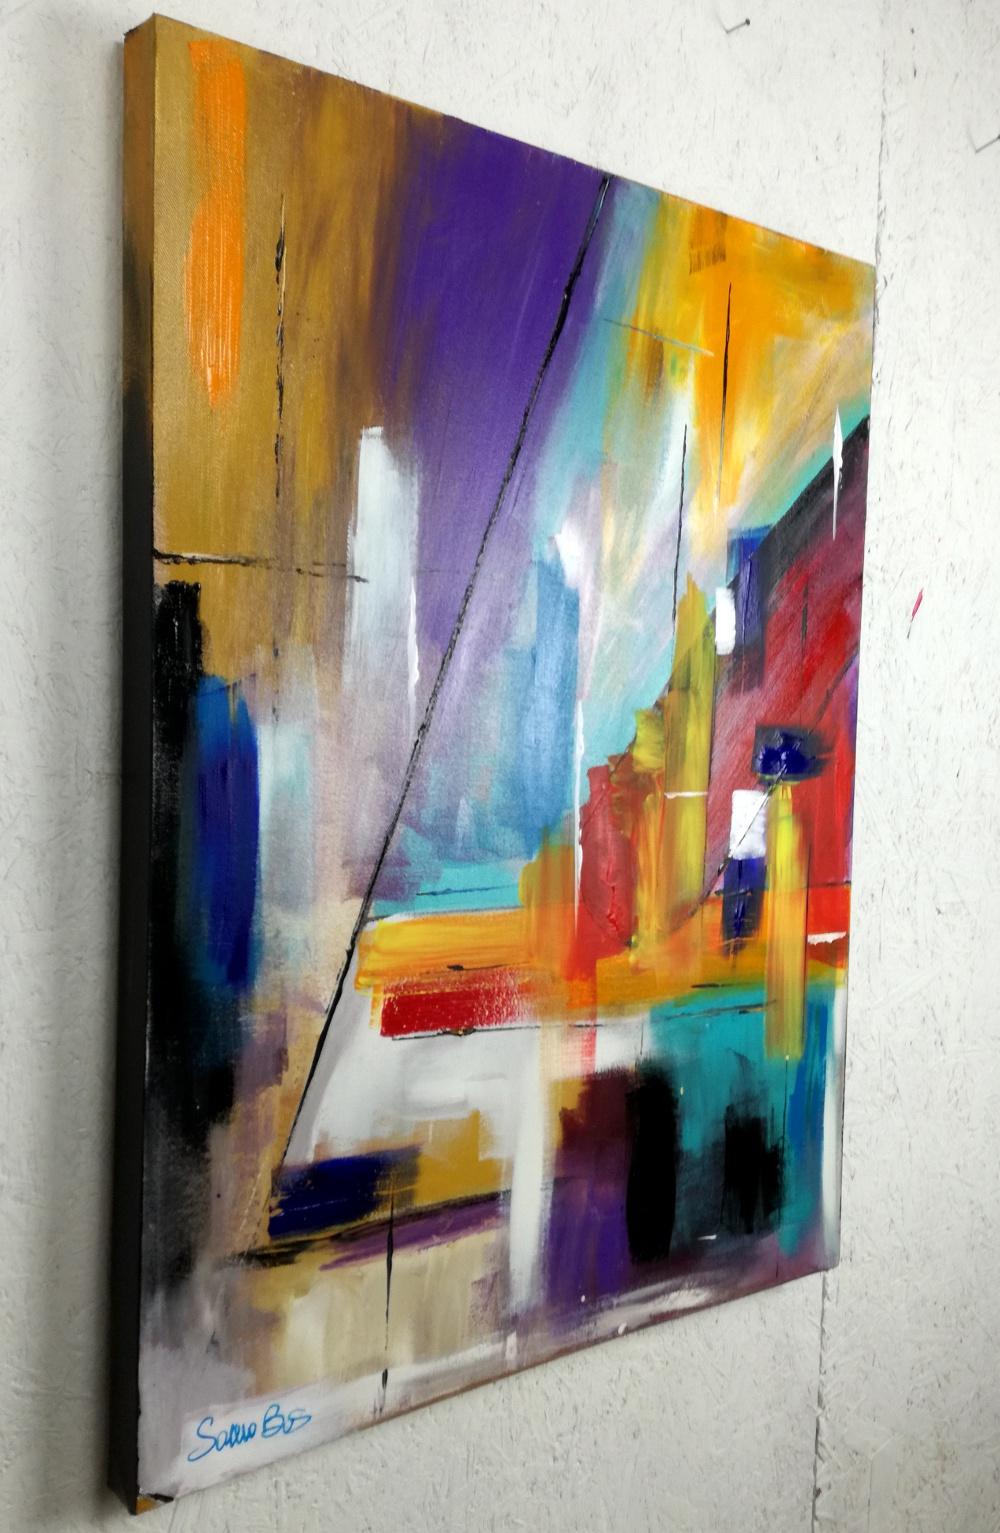 quadri astratti colorati geometrici sauro bos